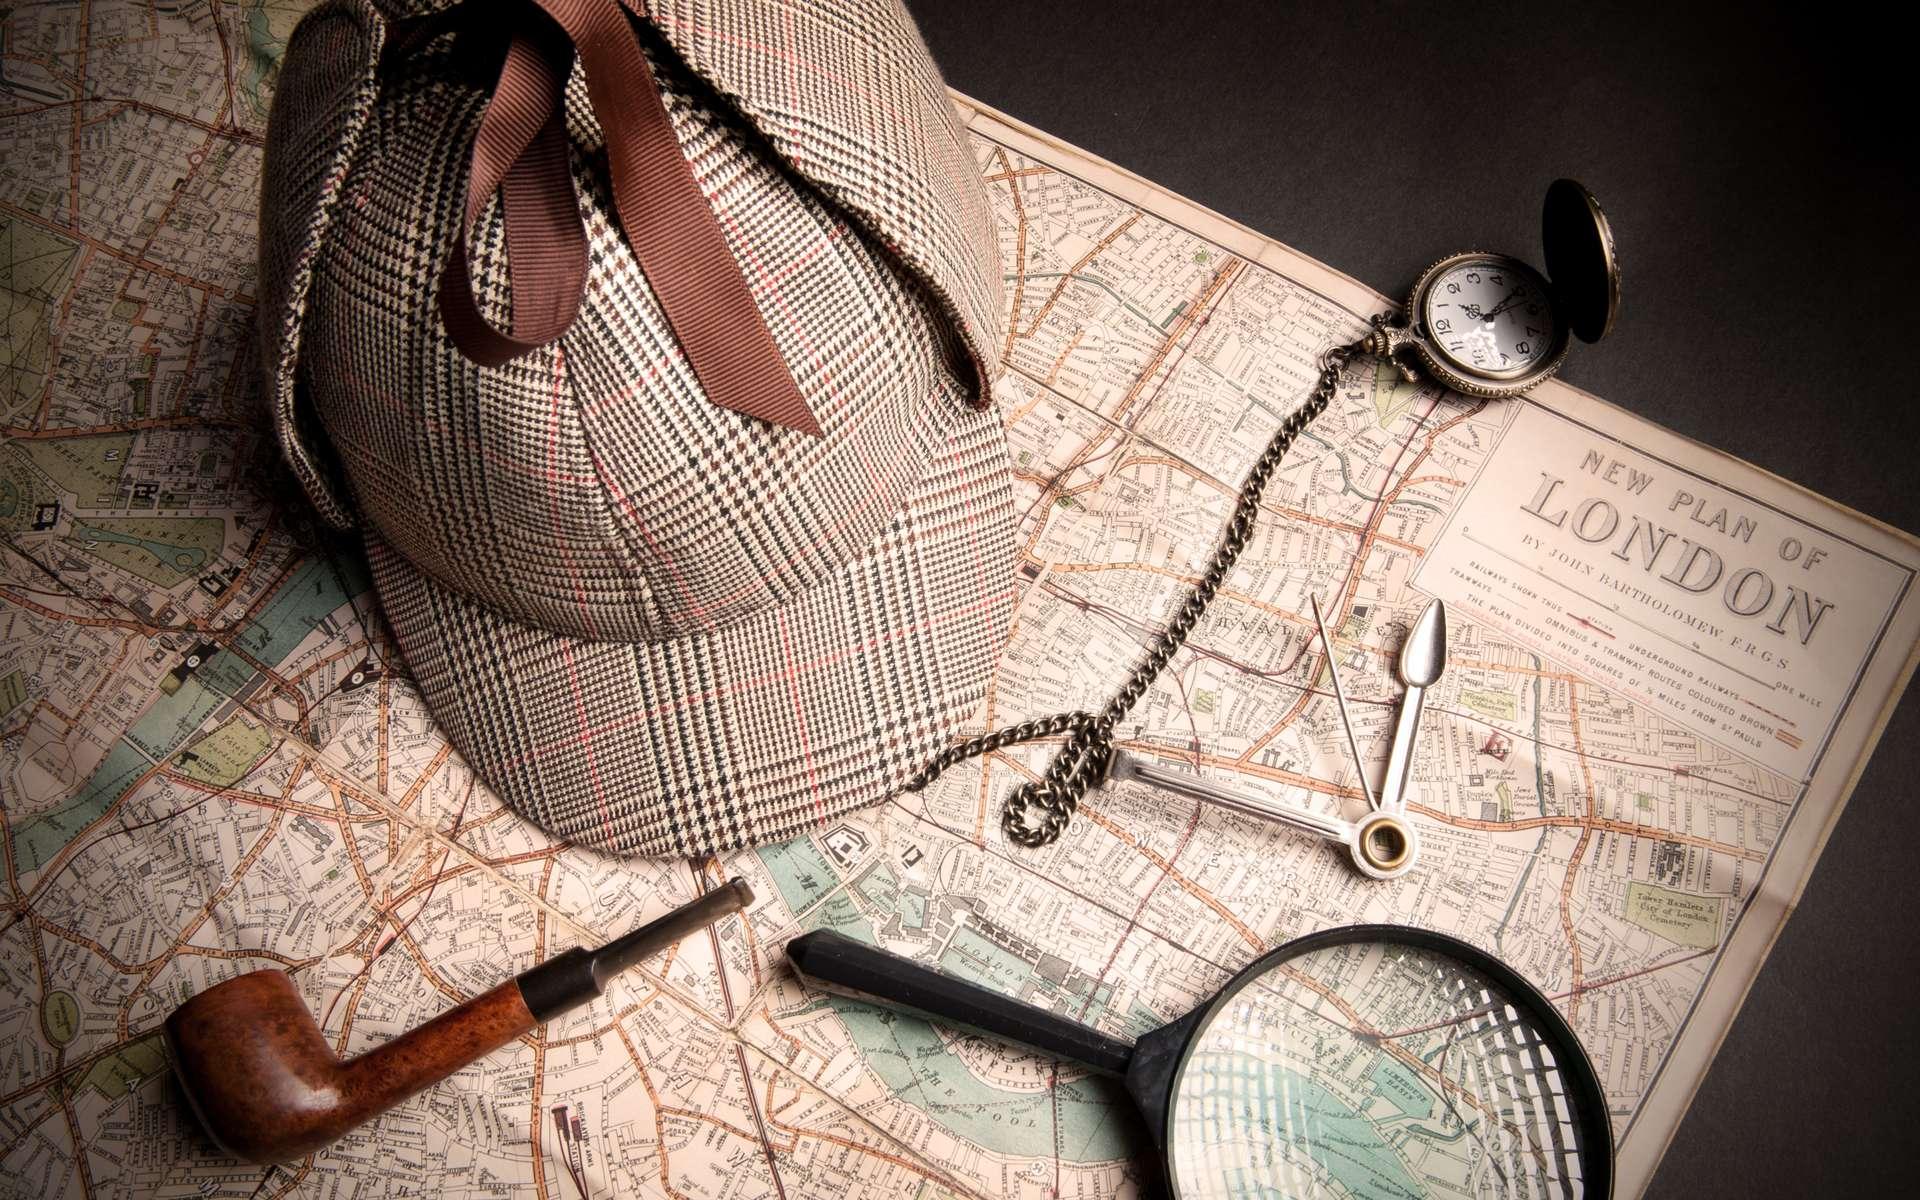 Découvrez l'identité du véritable Sherlock Holmes derrière le personnage de fiction. © Aleksandr Ugorenkov, Adobe Stock